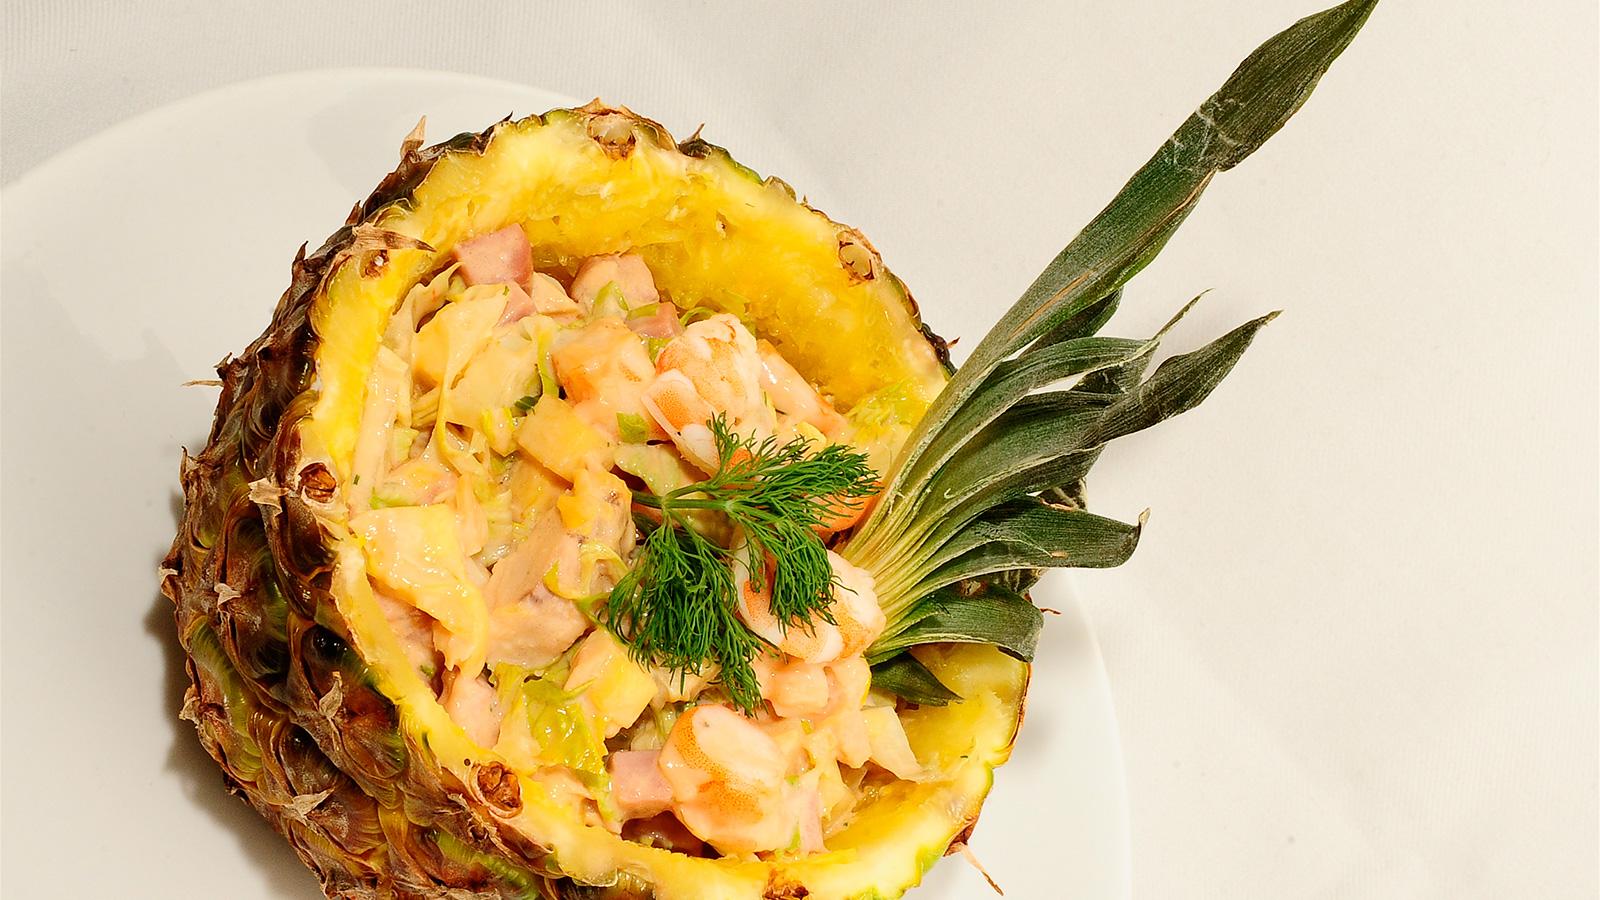 C ctel de marisco sergio fern ndez receta canal cocina - Coctel de marisco ingredientes ...